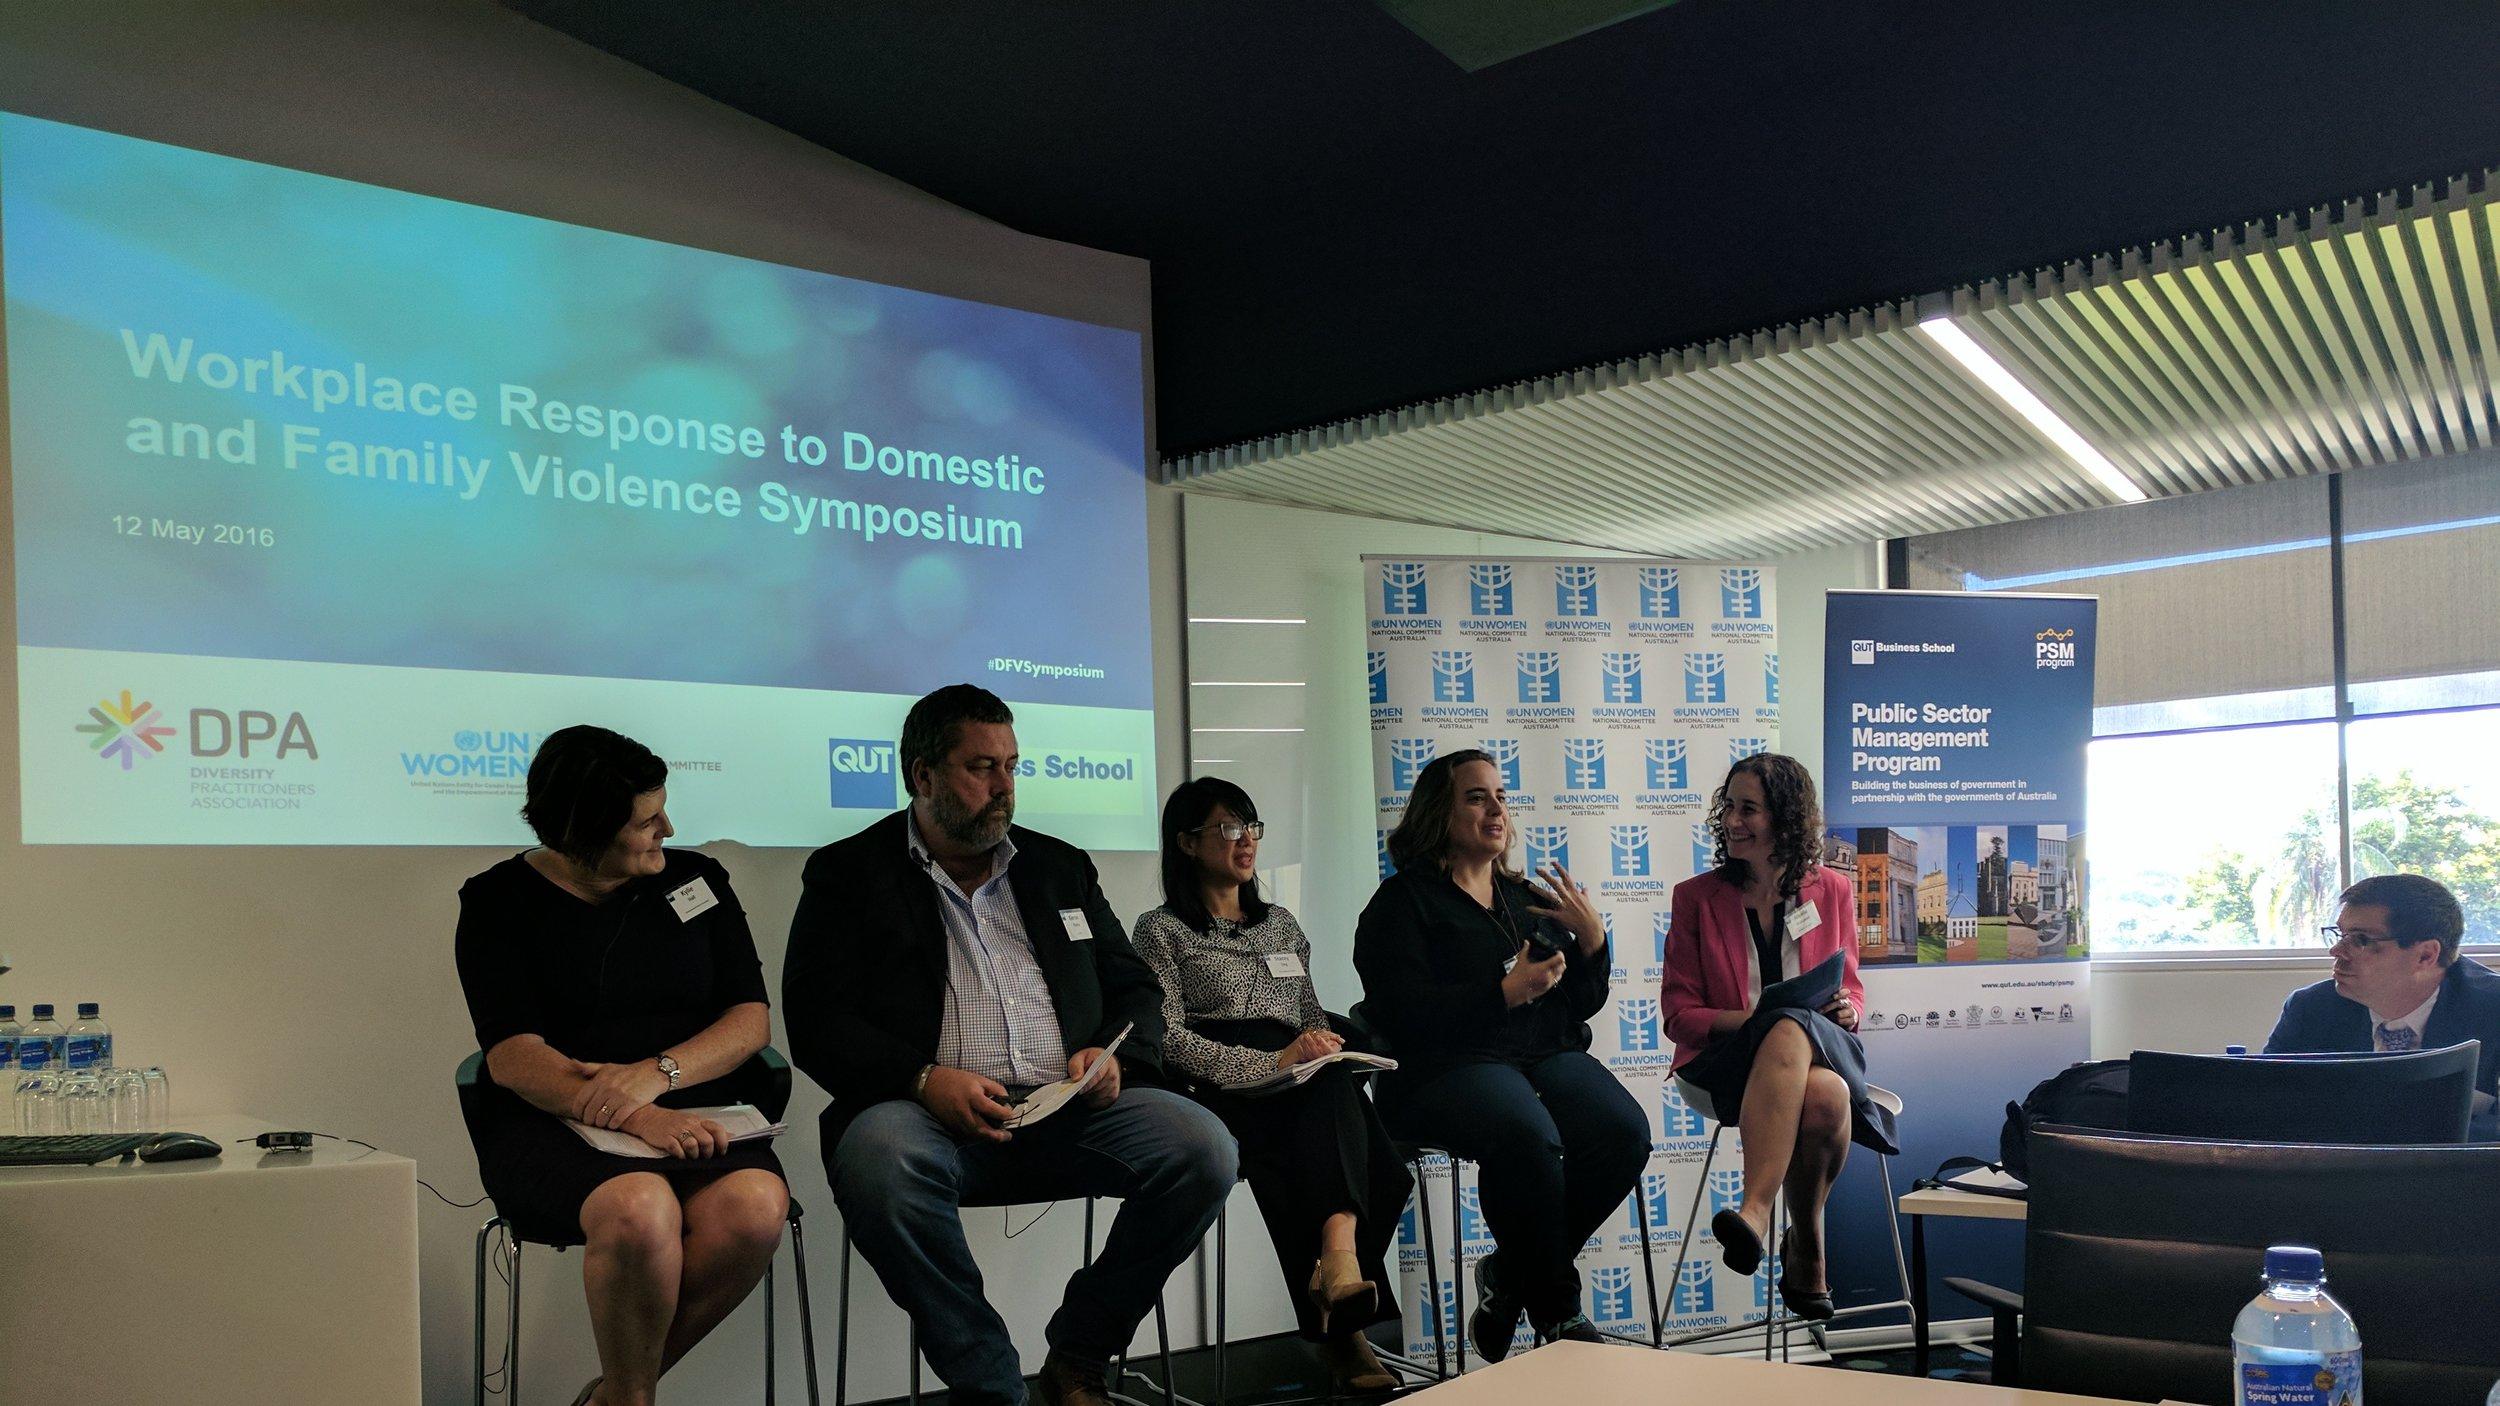 Panel_DPA DFV Symposium.jpg